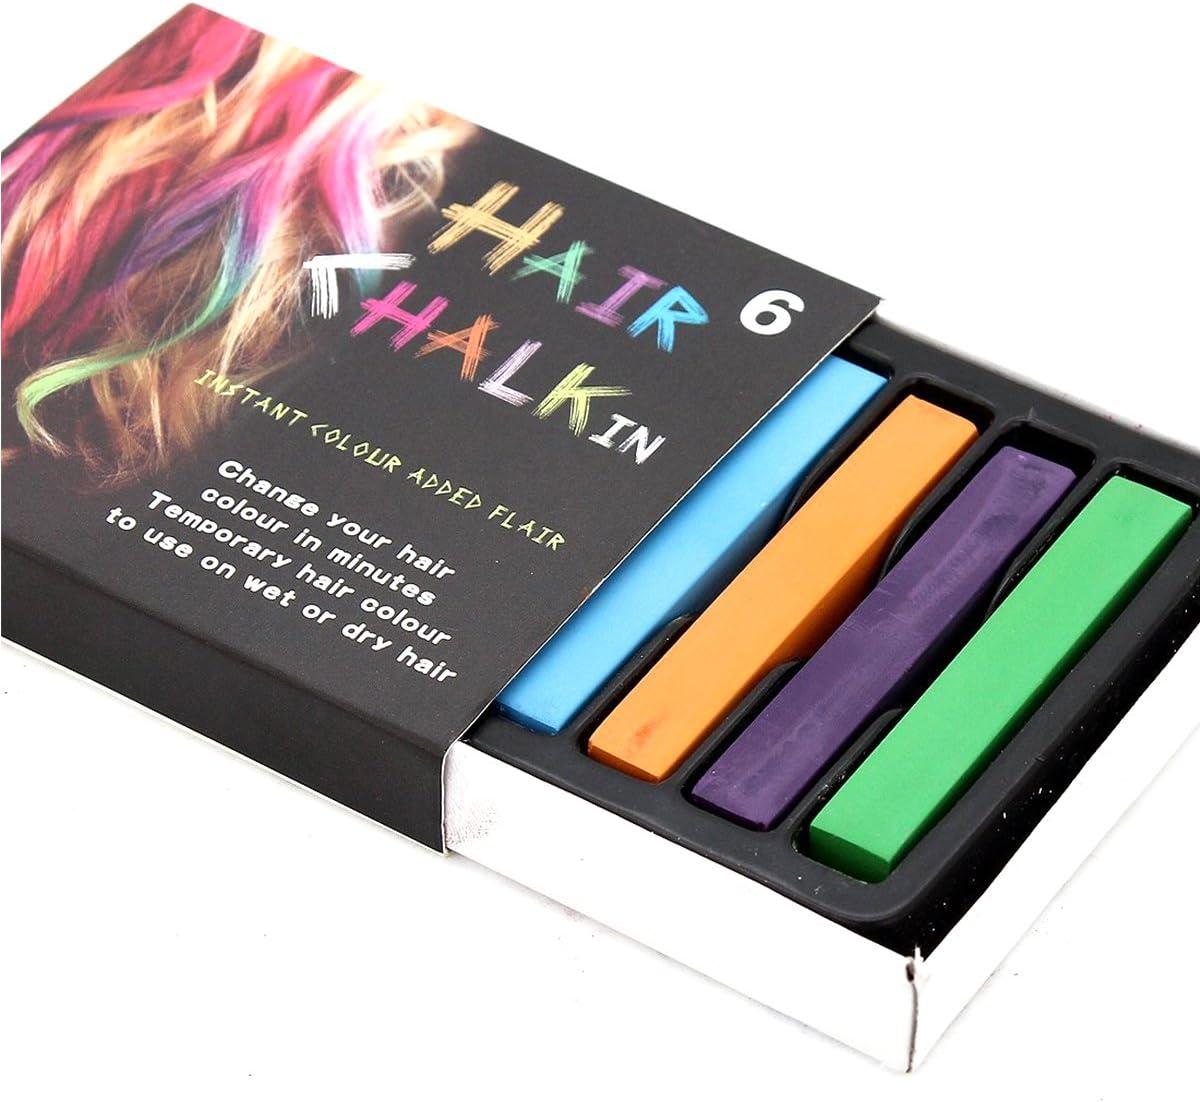 weddecor 6 colores Temporal tinte de pelo tiza cambio gradual, desechables no tóxico belleza accesorios